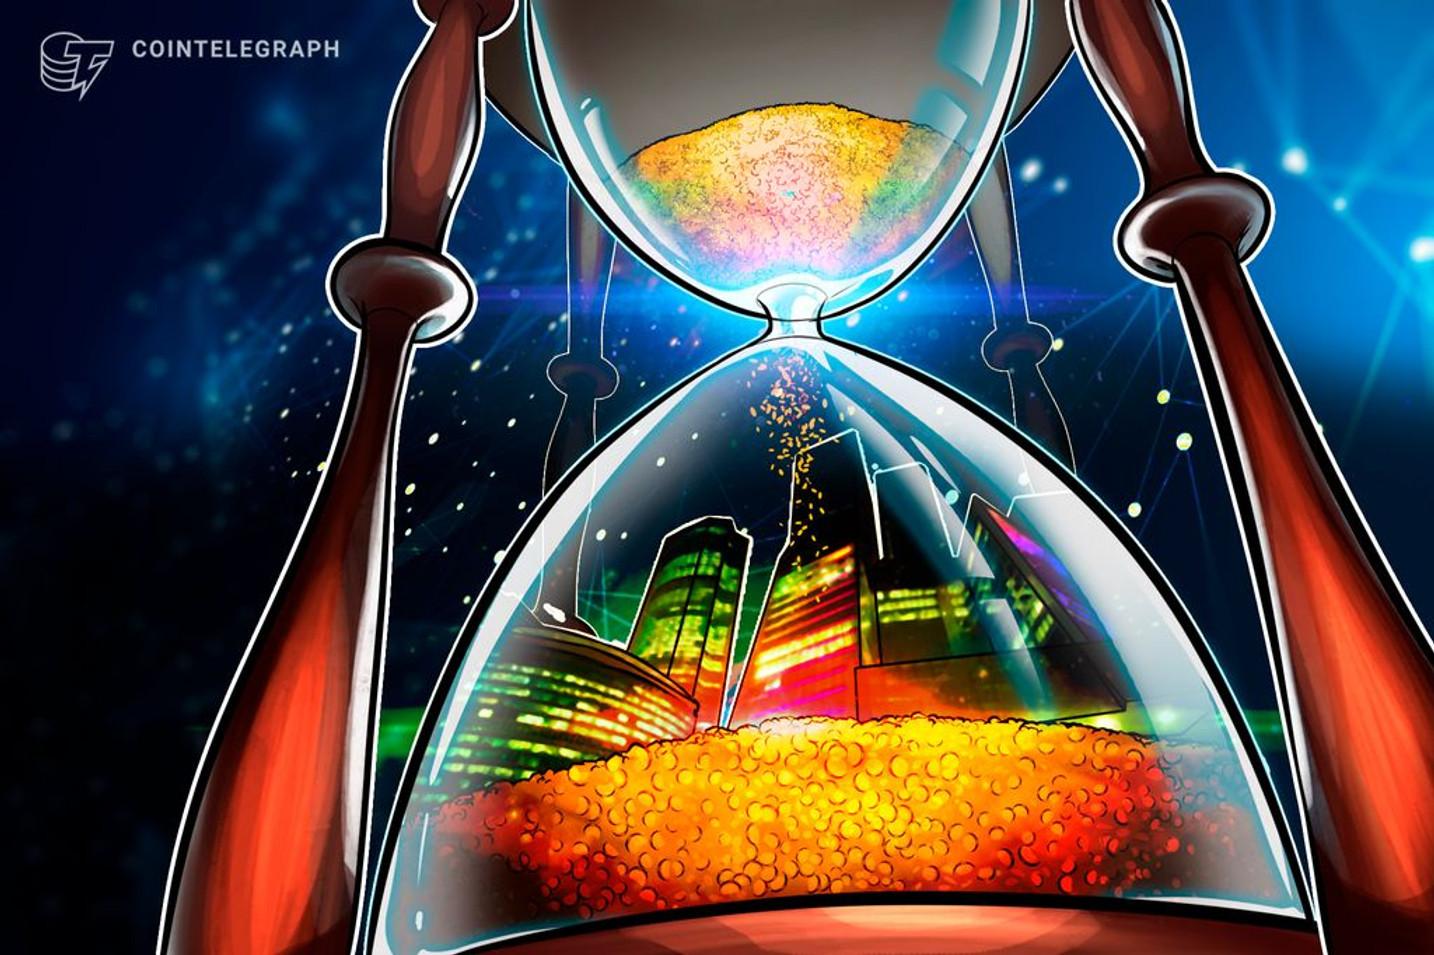 'Podemos criar inflação no Bitcoin, se necessário', afirma desenvolvedor Peter Todd